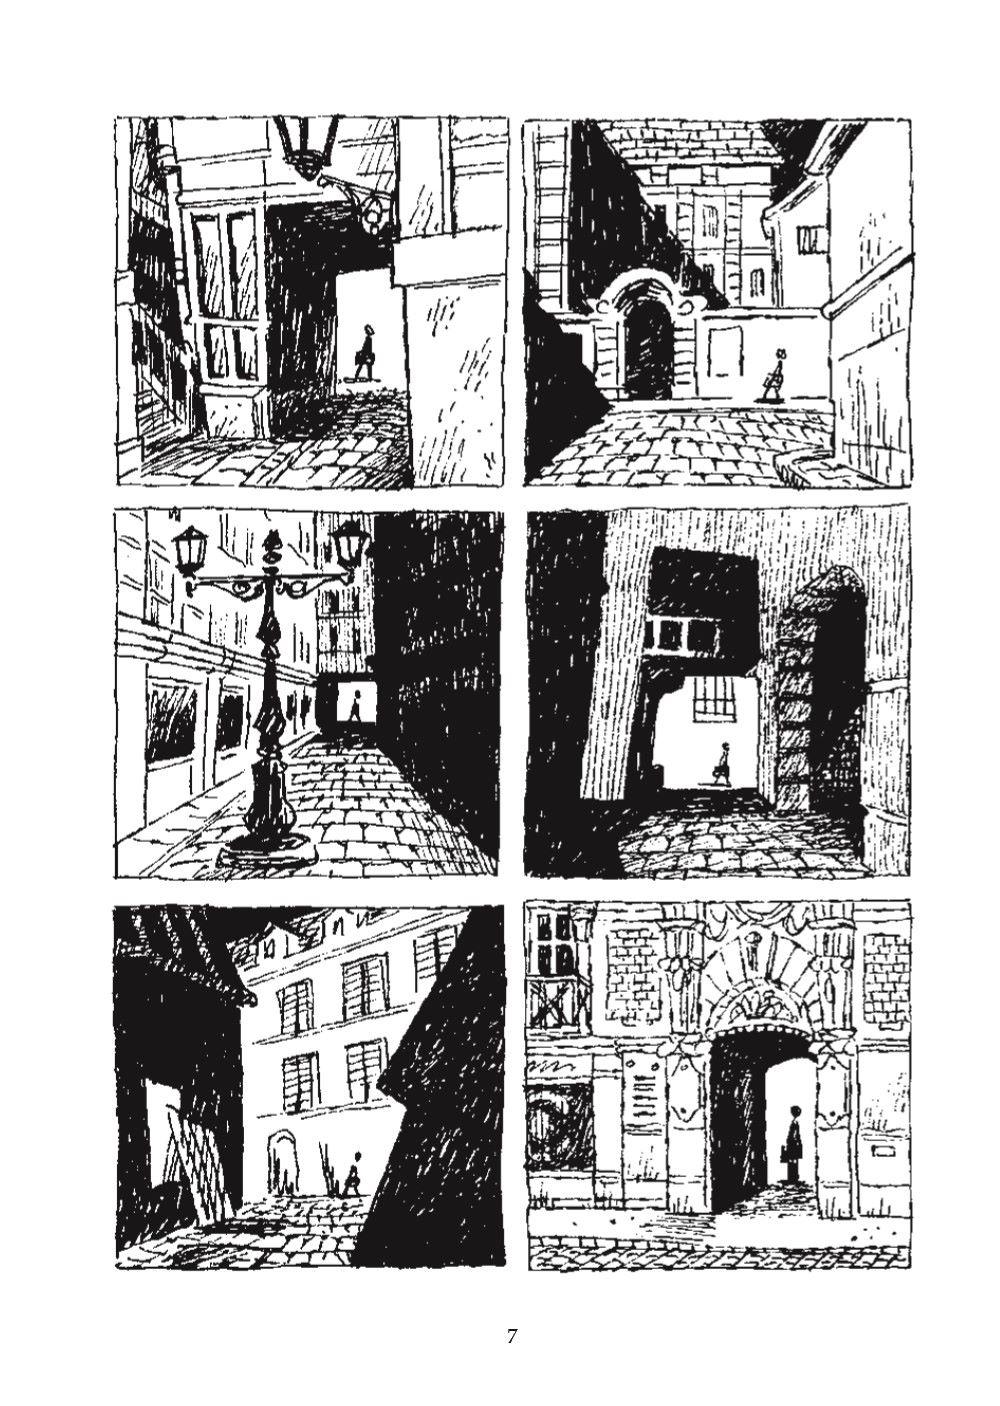 BookTour_pr-5 ComicList Previews: THE BOOK TOUR GN